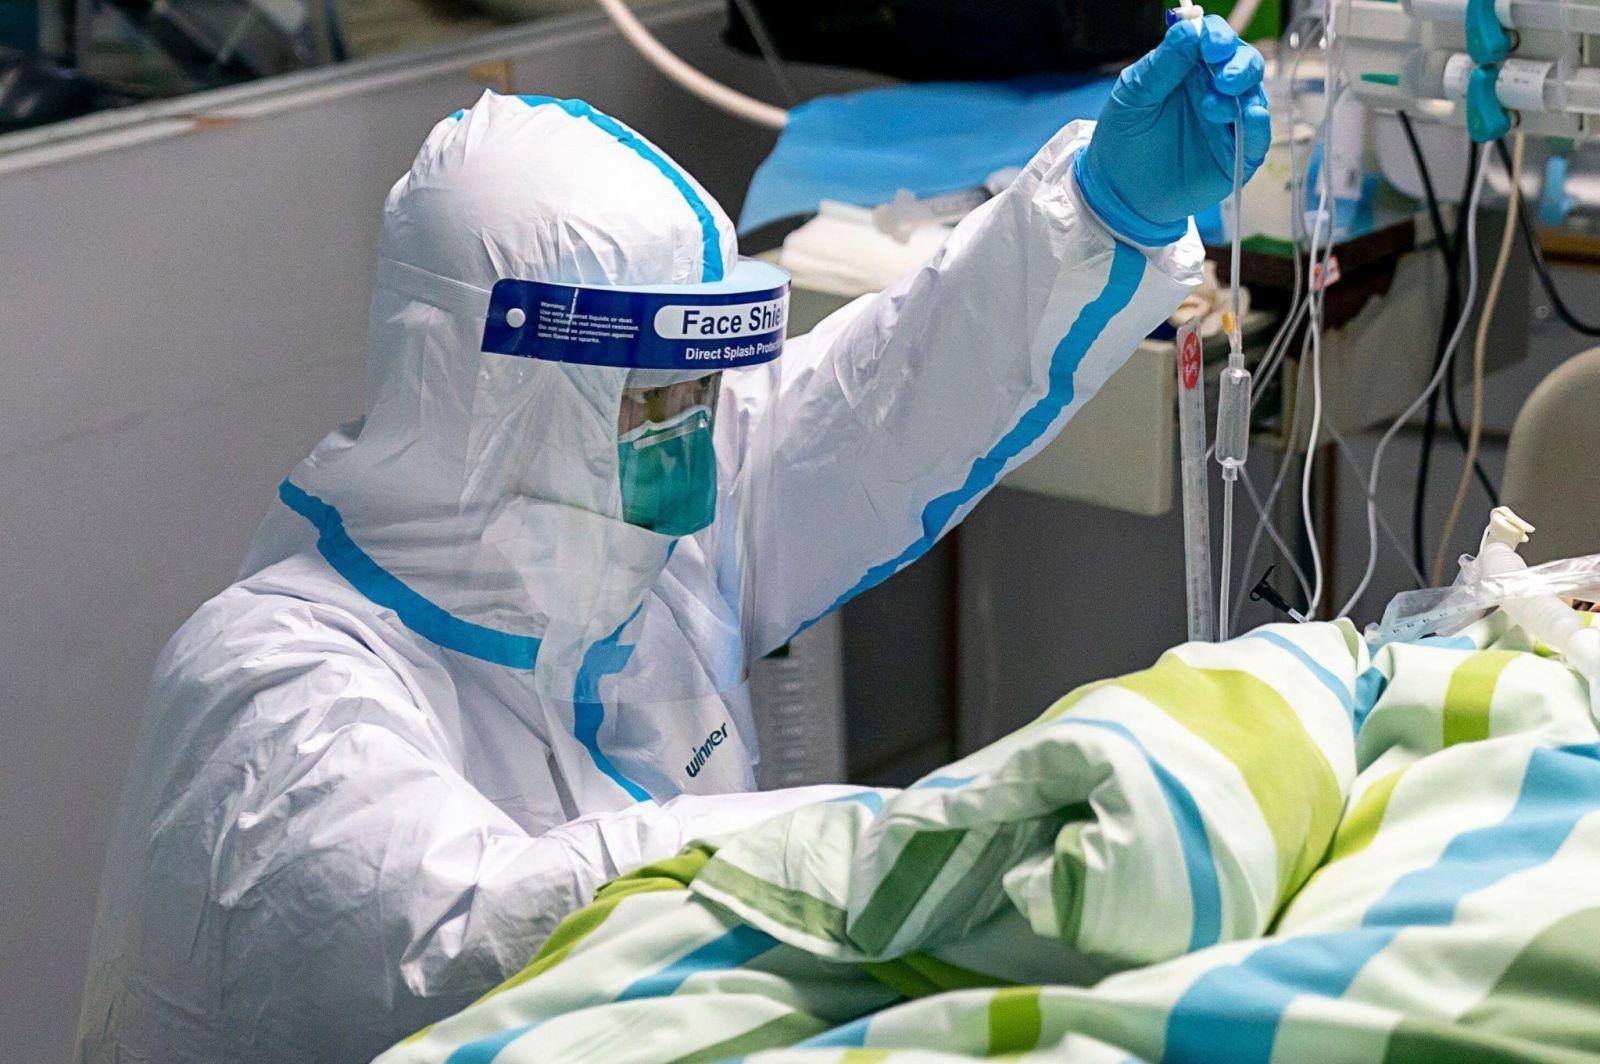 Ноль новых заражений в Бразилии. Статистика по коронавирусу в мире на 12...